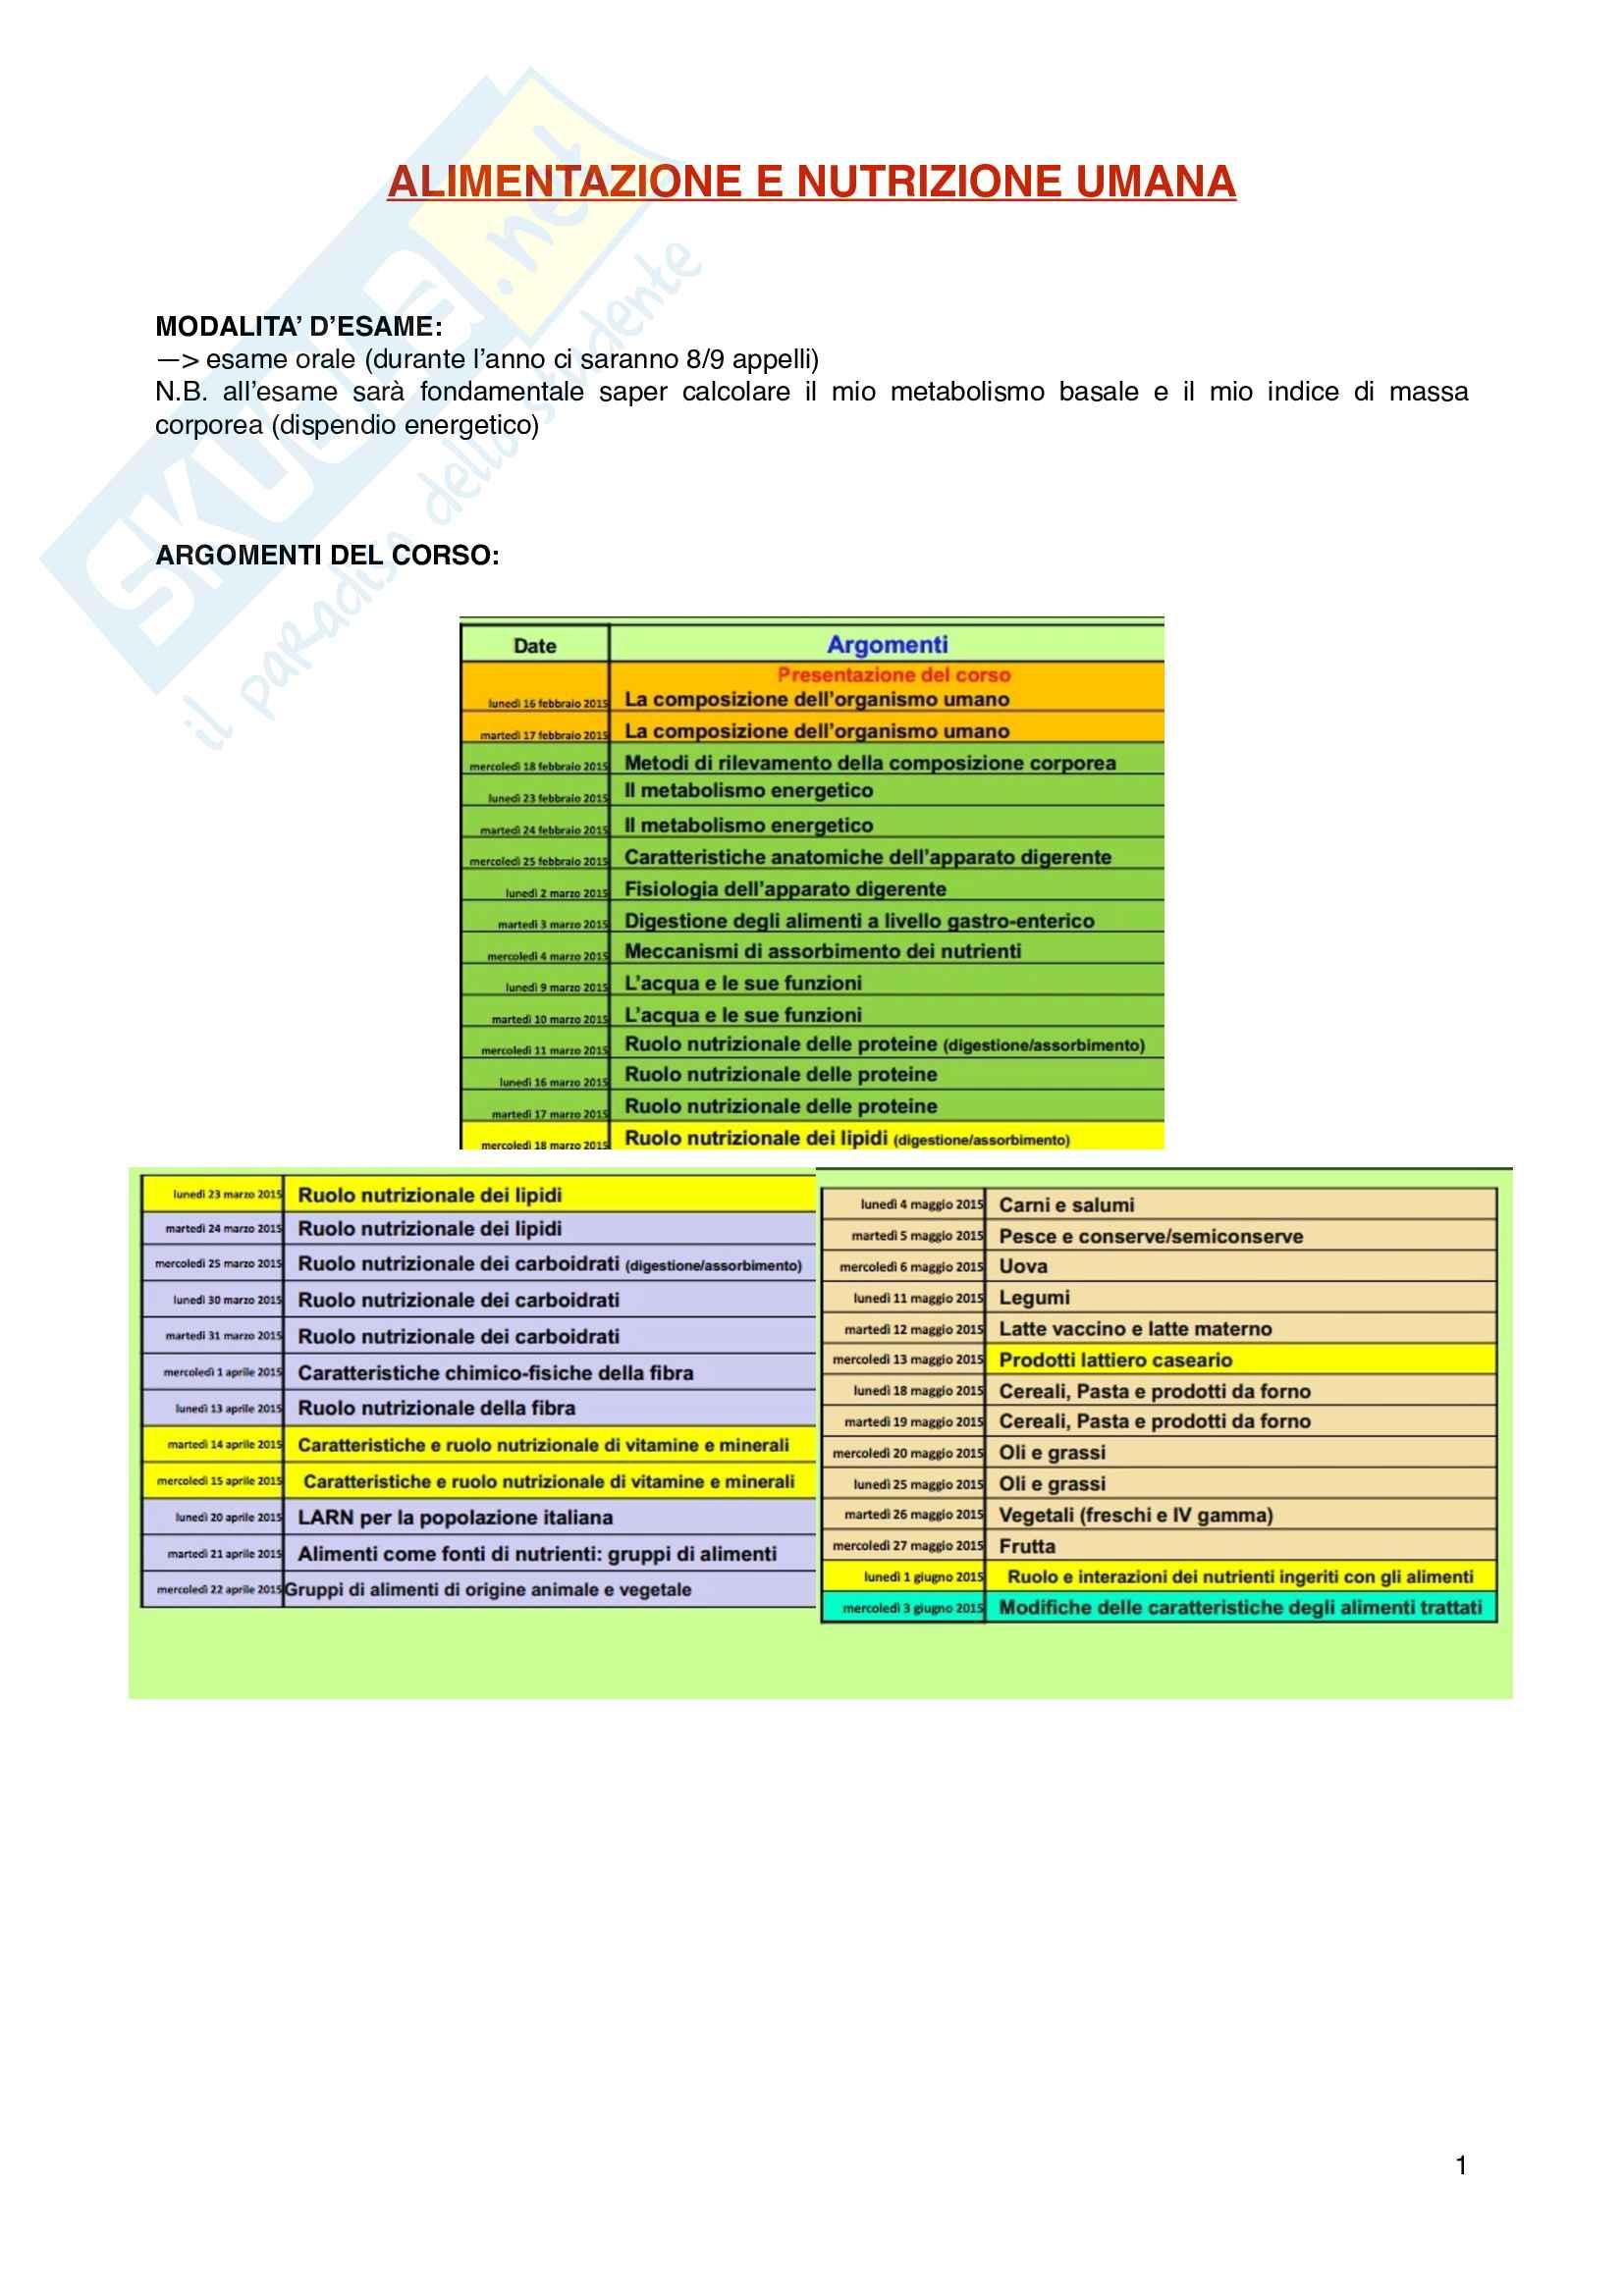 Appunti chiarissimi e completi con tutte le domande che fa all'orale